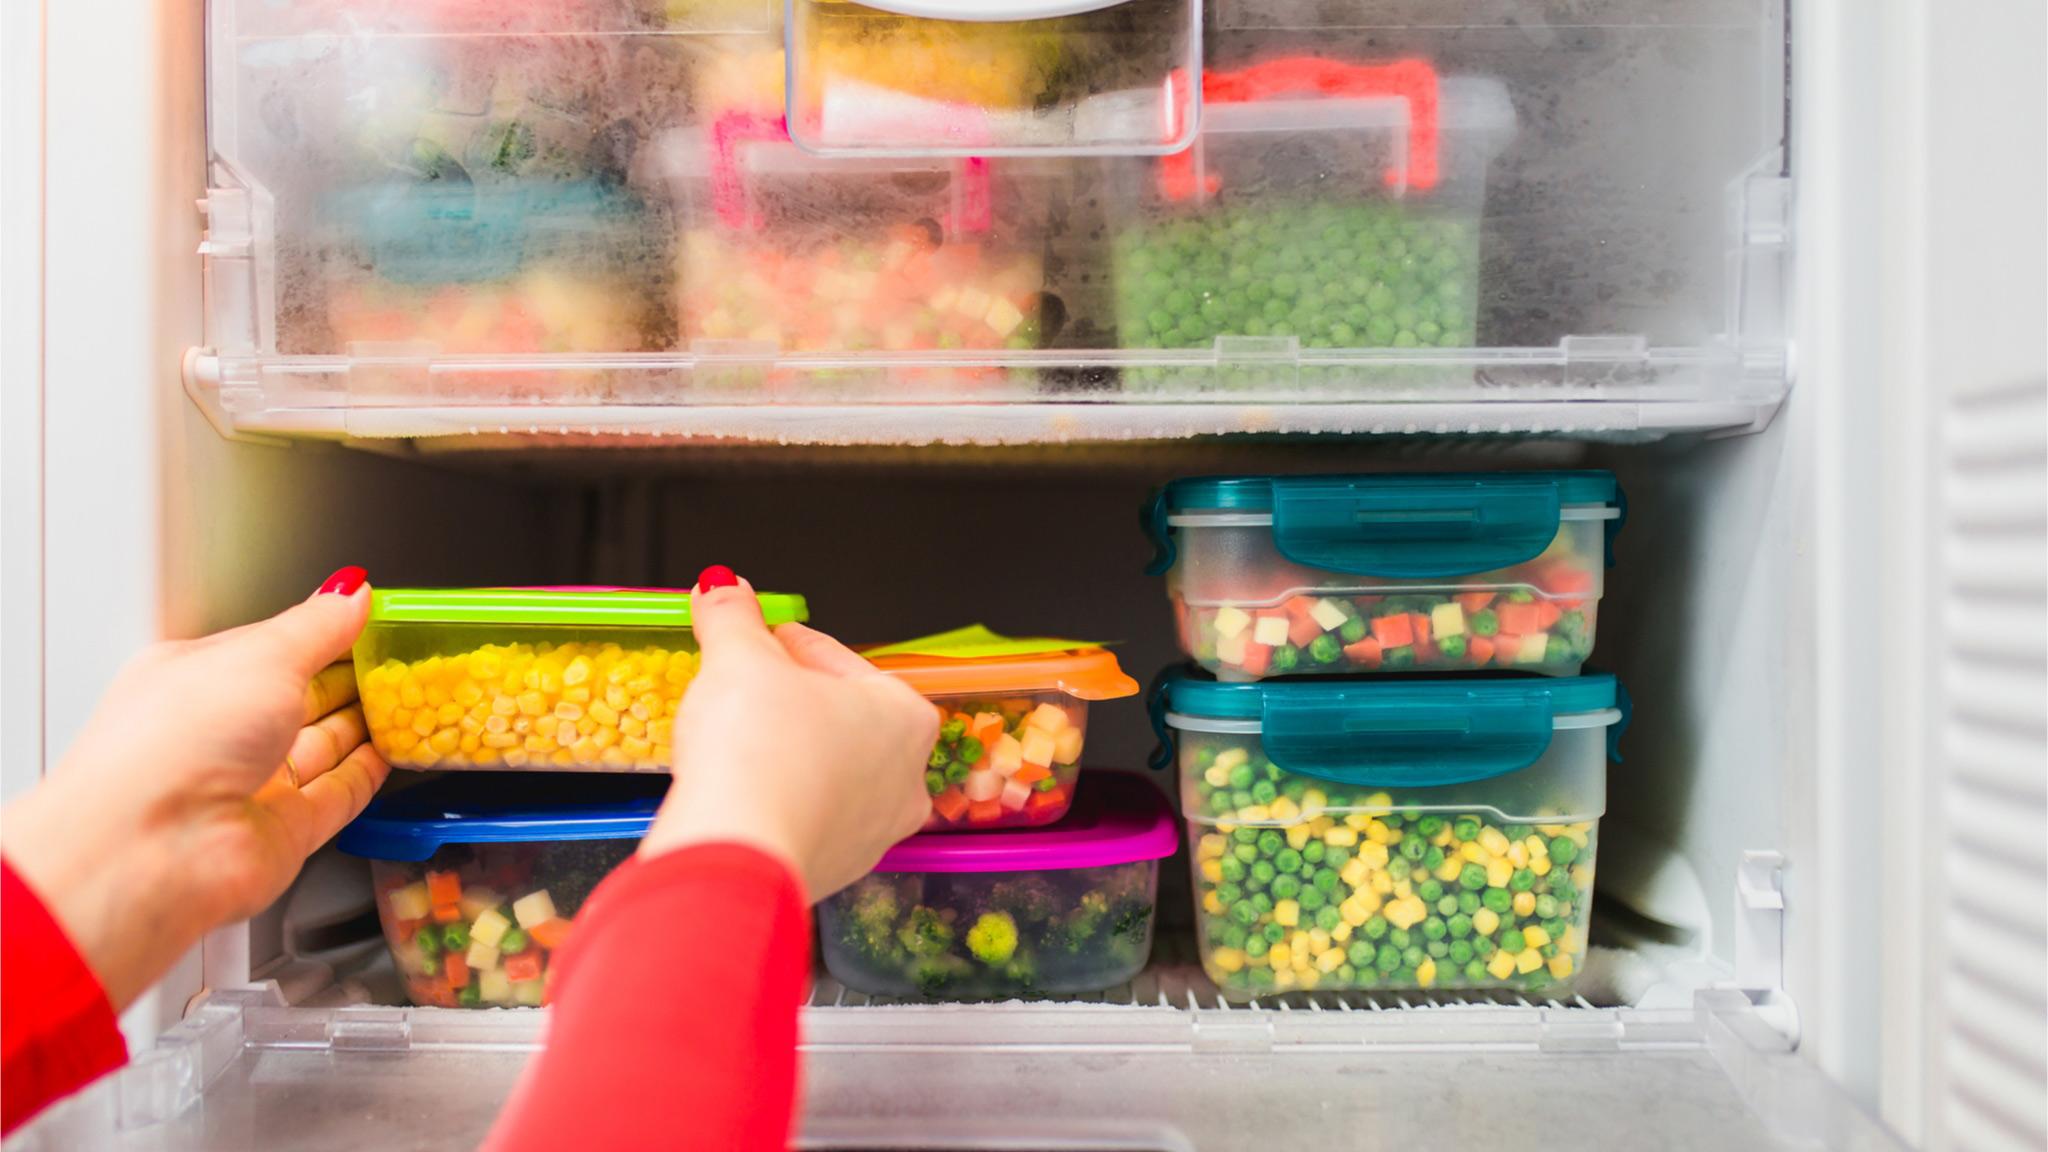 چگونه از موادغذایی داخل فریزر در شرایط قطعی برق محافظت کنیم؟